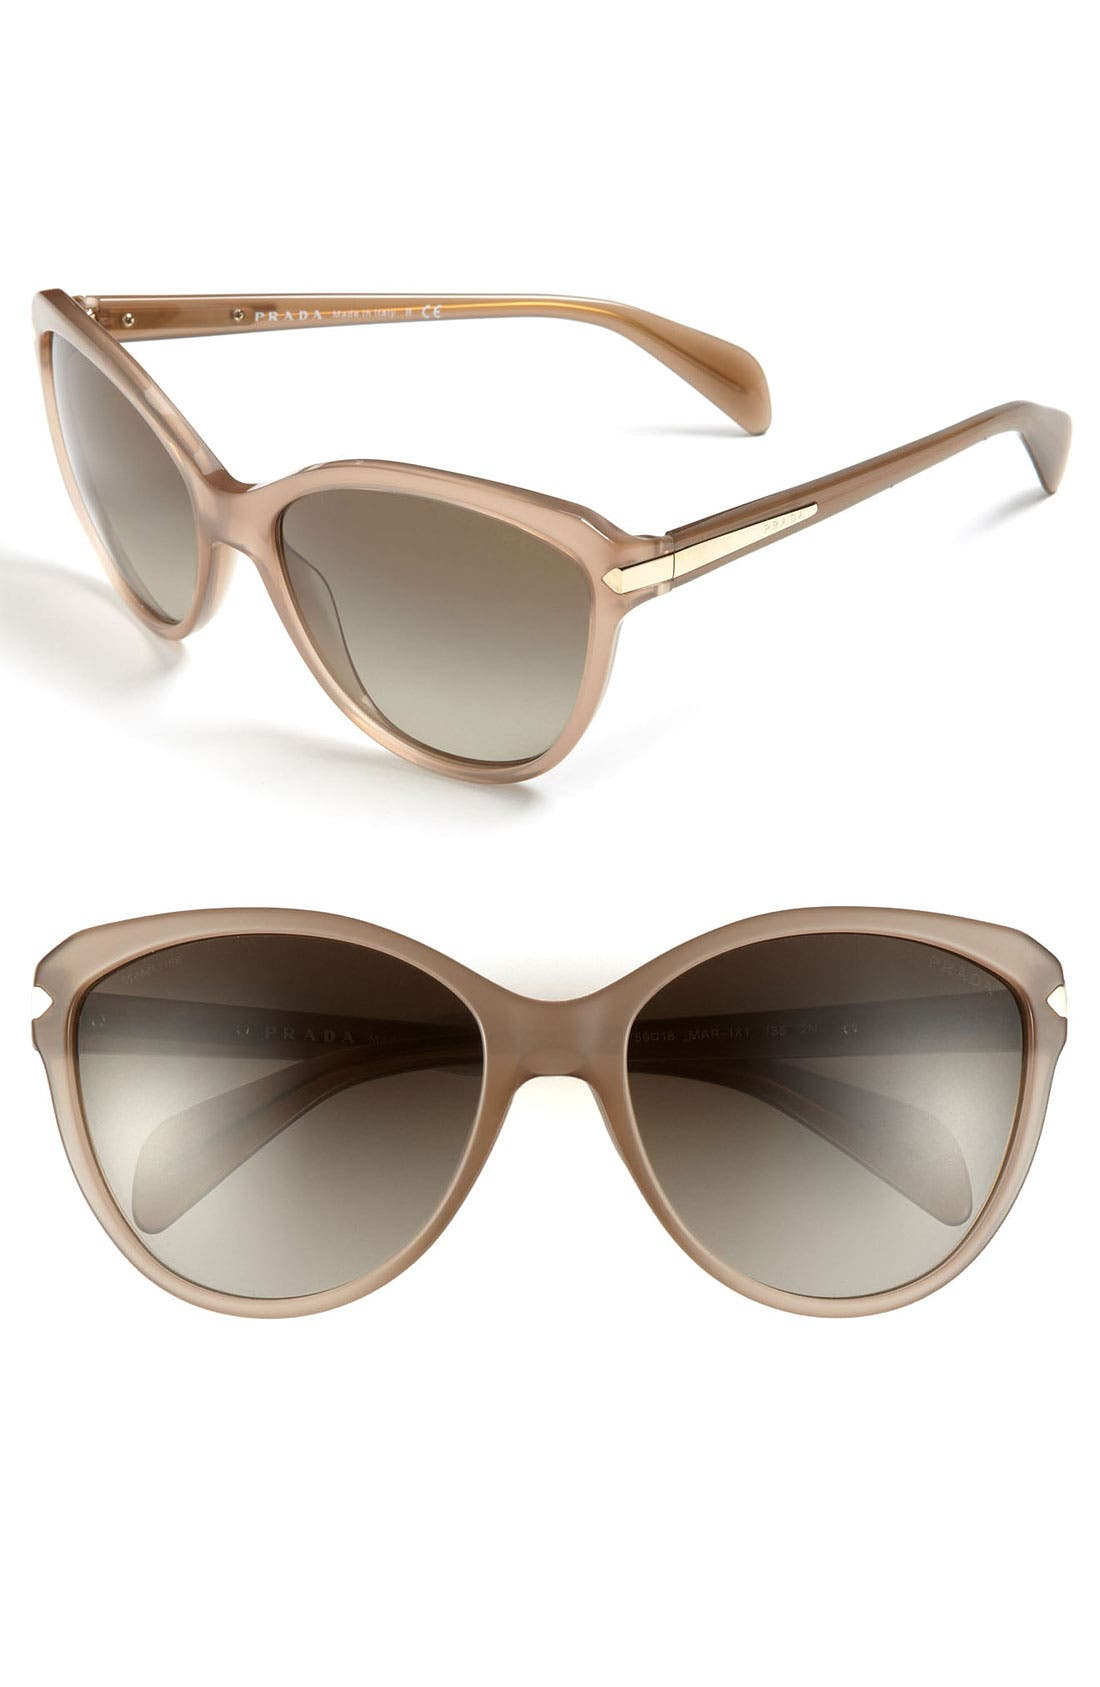 Alternate Image 1 Selected - Prada 59mm Cat's Eye Sunglasses